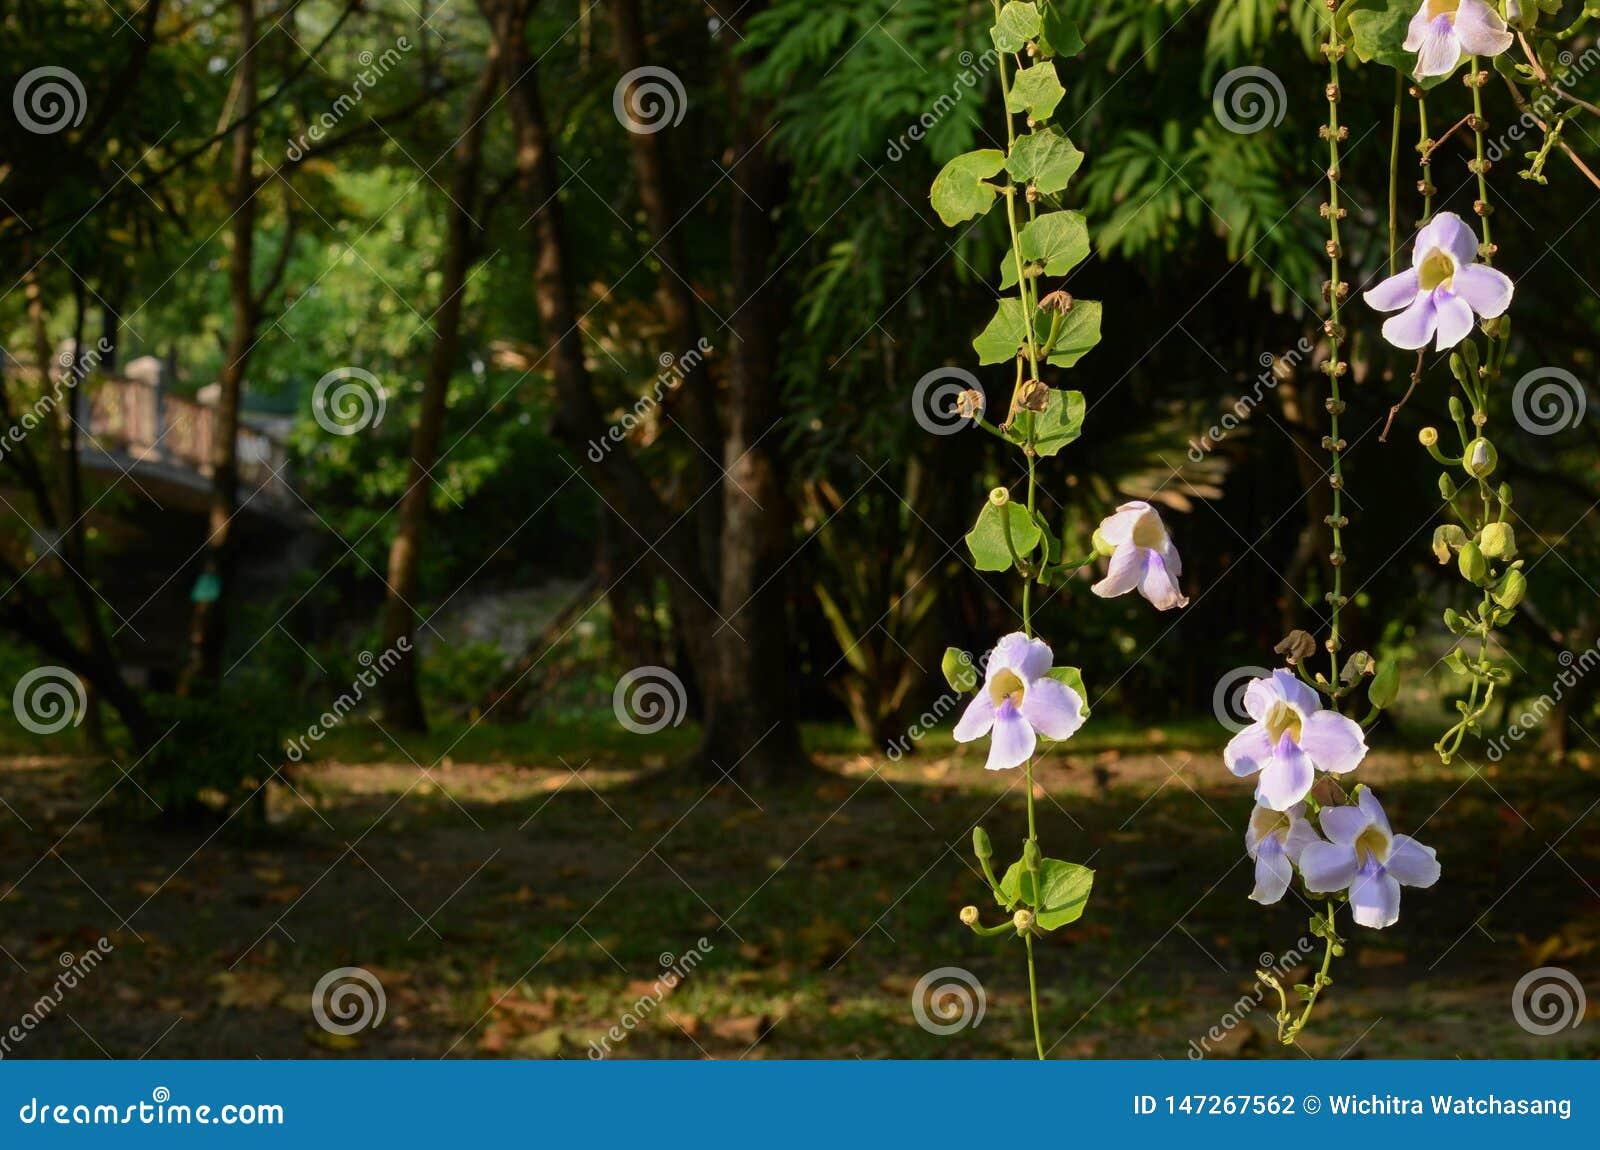 Rayon léger de matin sur le Thunbergia grandiflora, belle fleur pourpre avec le fond vert de feuilles